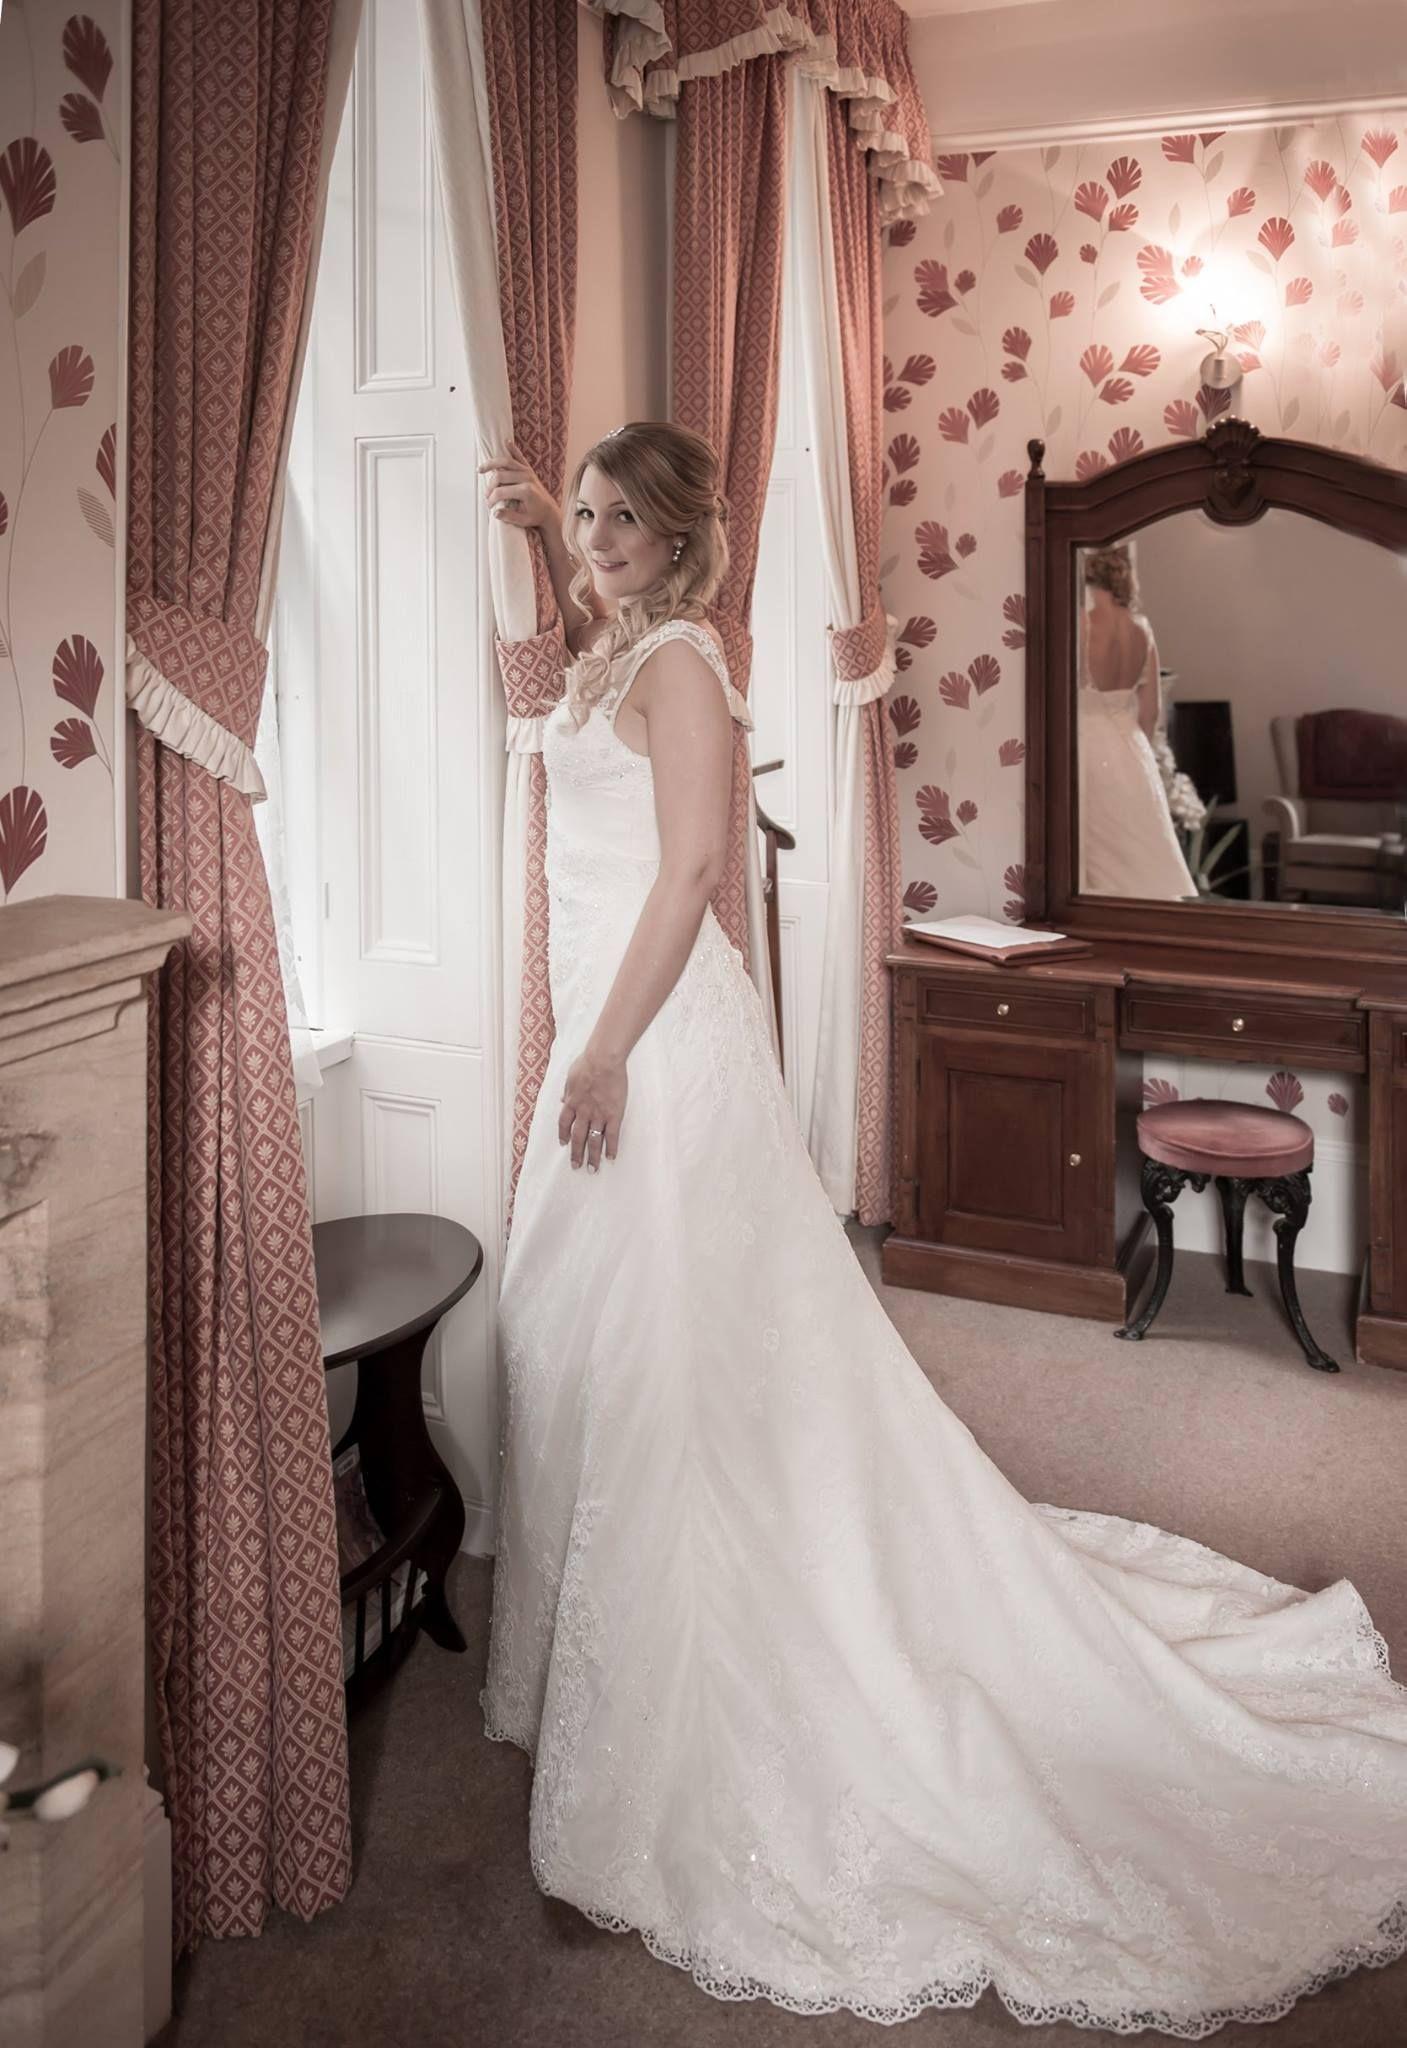 Ray Lockyer Yeovil Wedding Photographer - Bridal Preparation ...